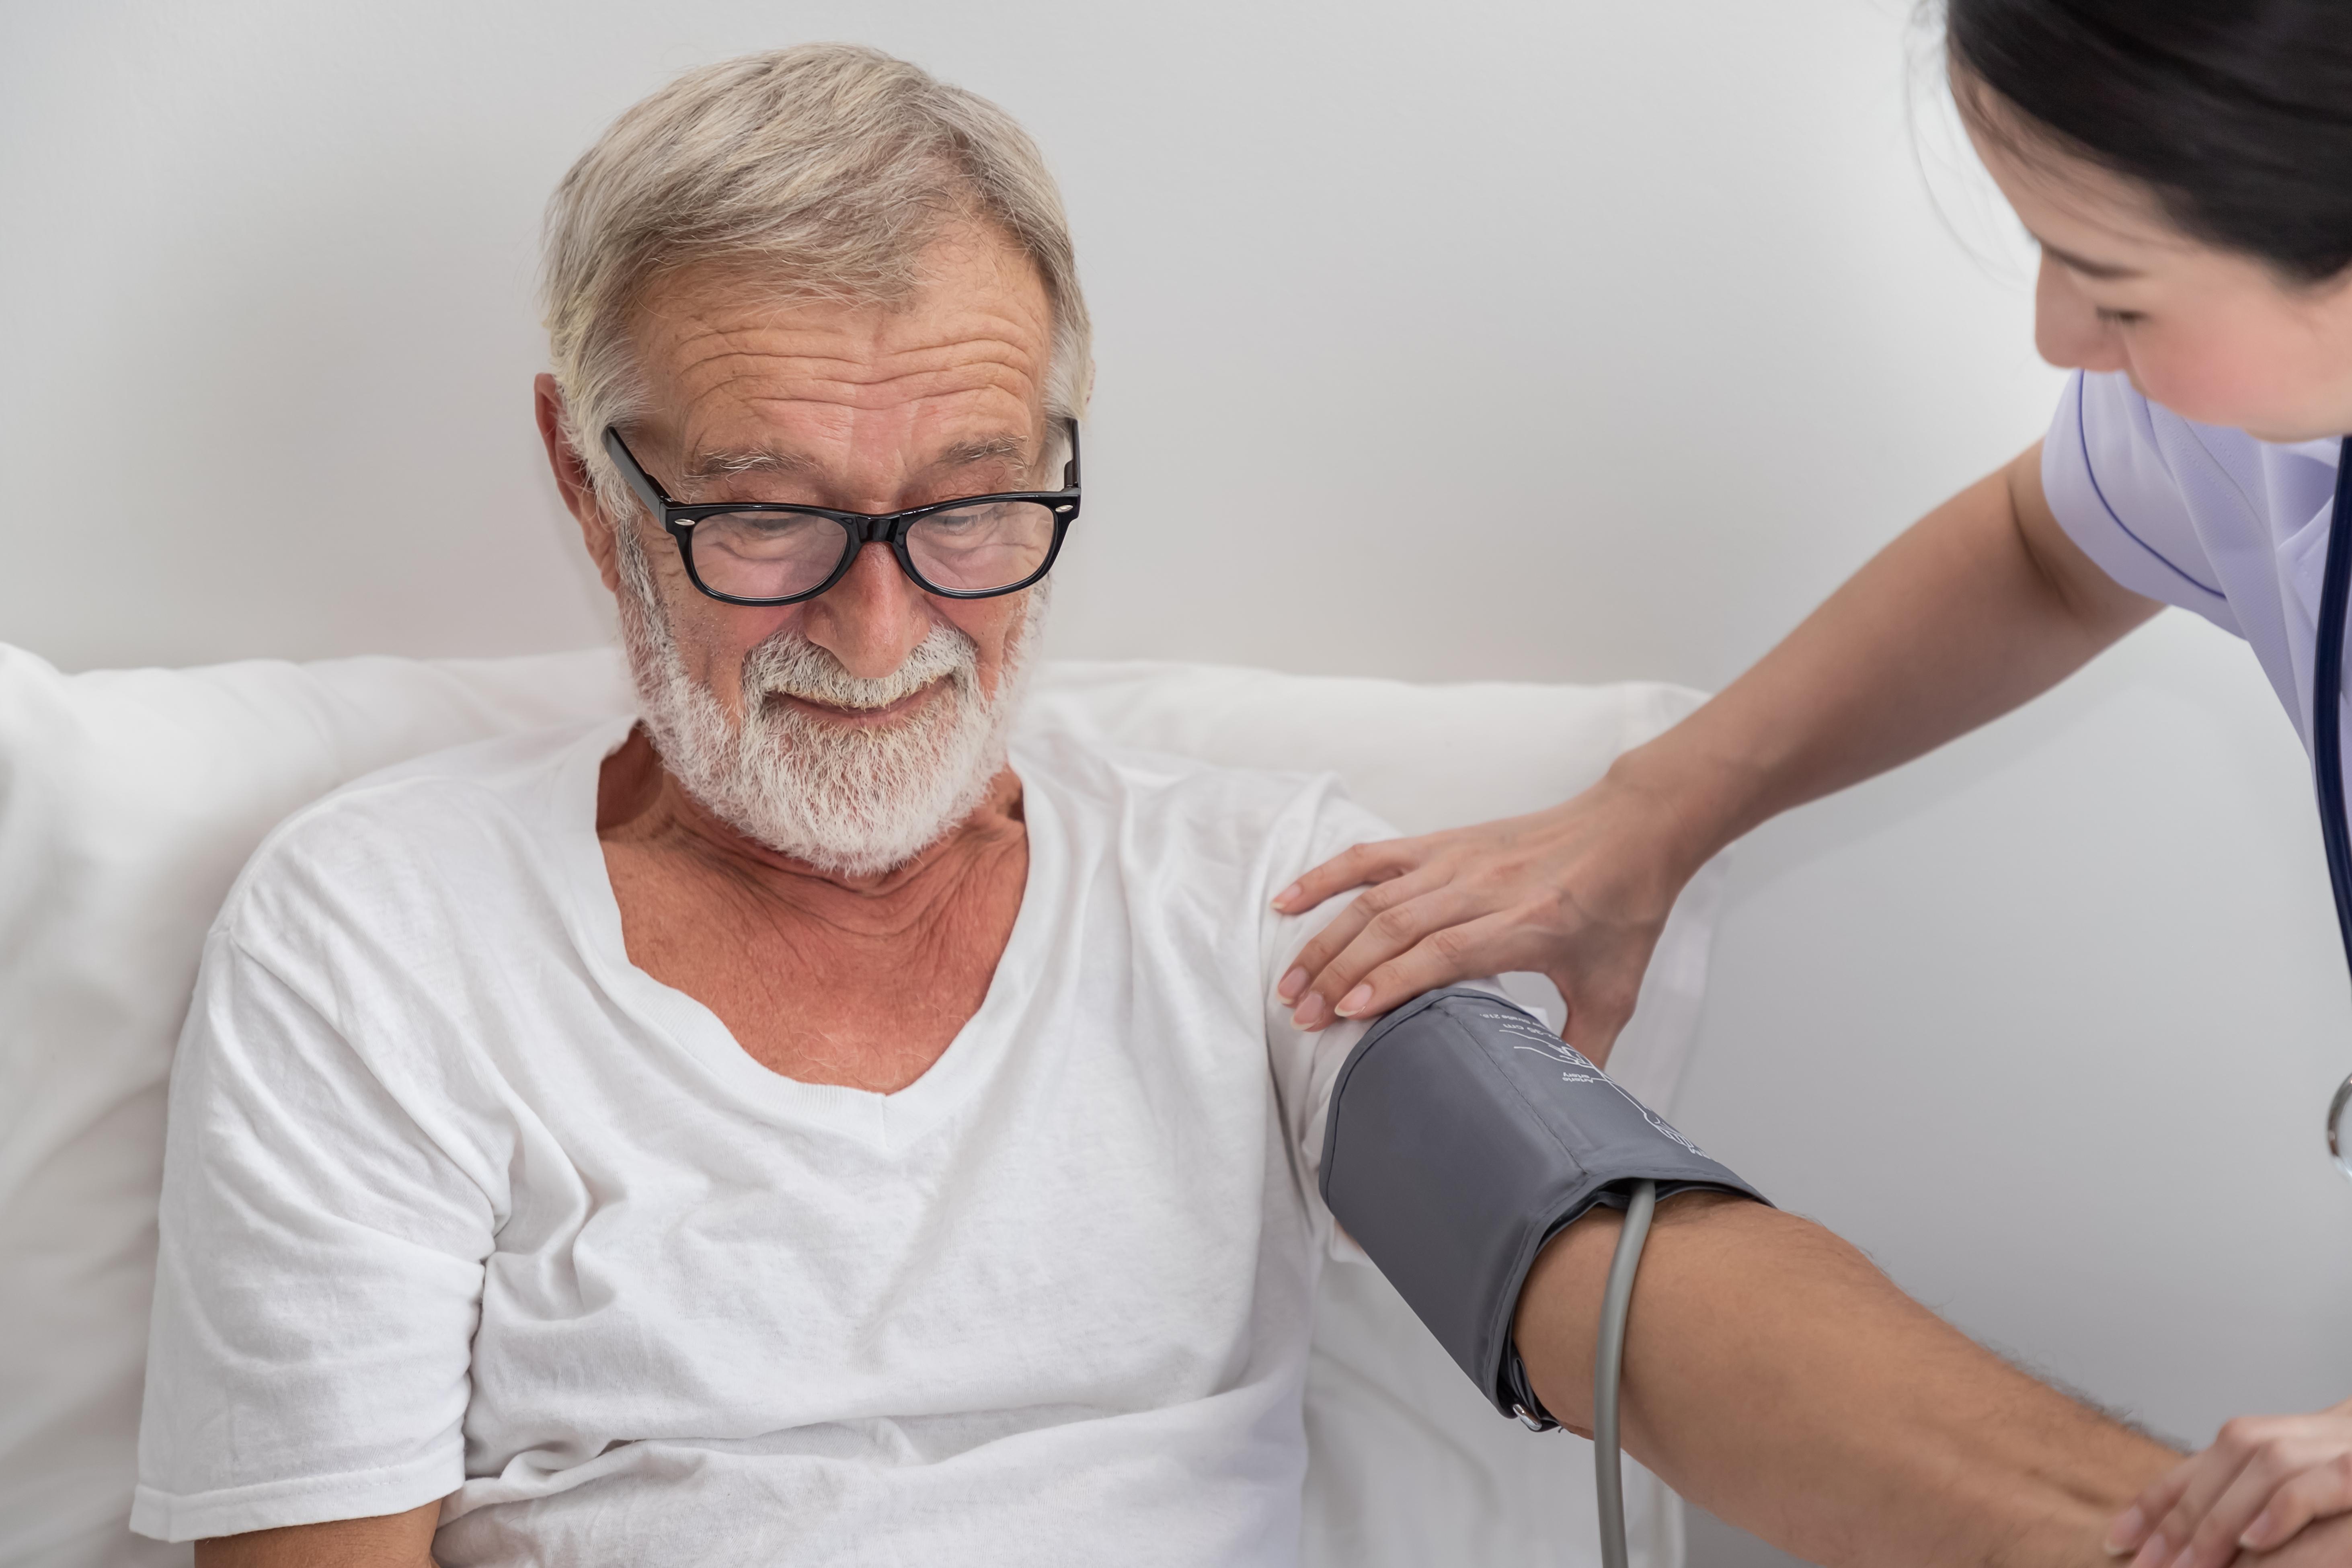 Dåligt behandlad typ 2-diabetes, även kallad åldersdiabetes, kan leda till att ditt blodtryck blir högre och att dina kolesterolnivåer höjs.